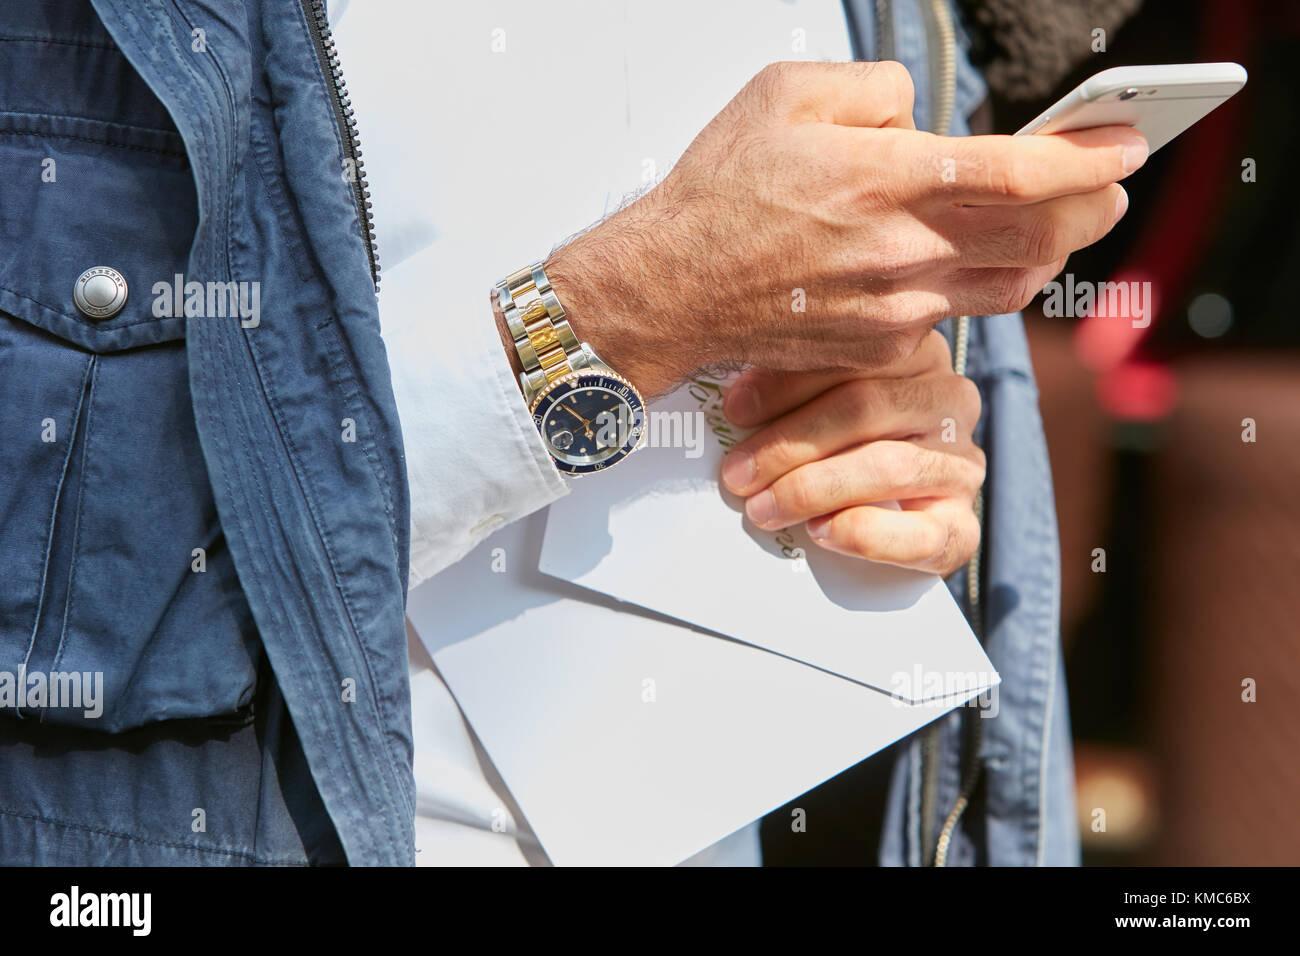 Alamy De Imágenes Oro Stockamp; Rolex Fotos rdCxBoe